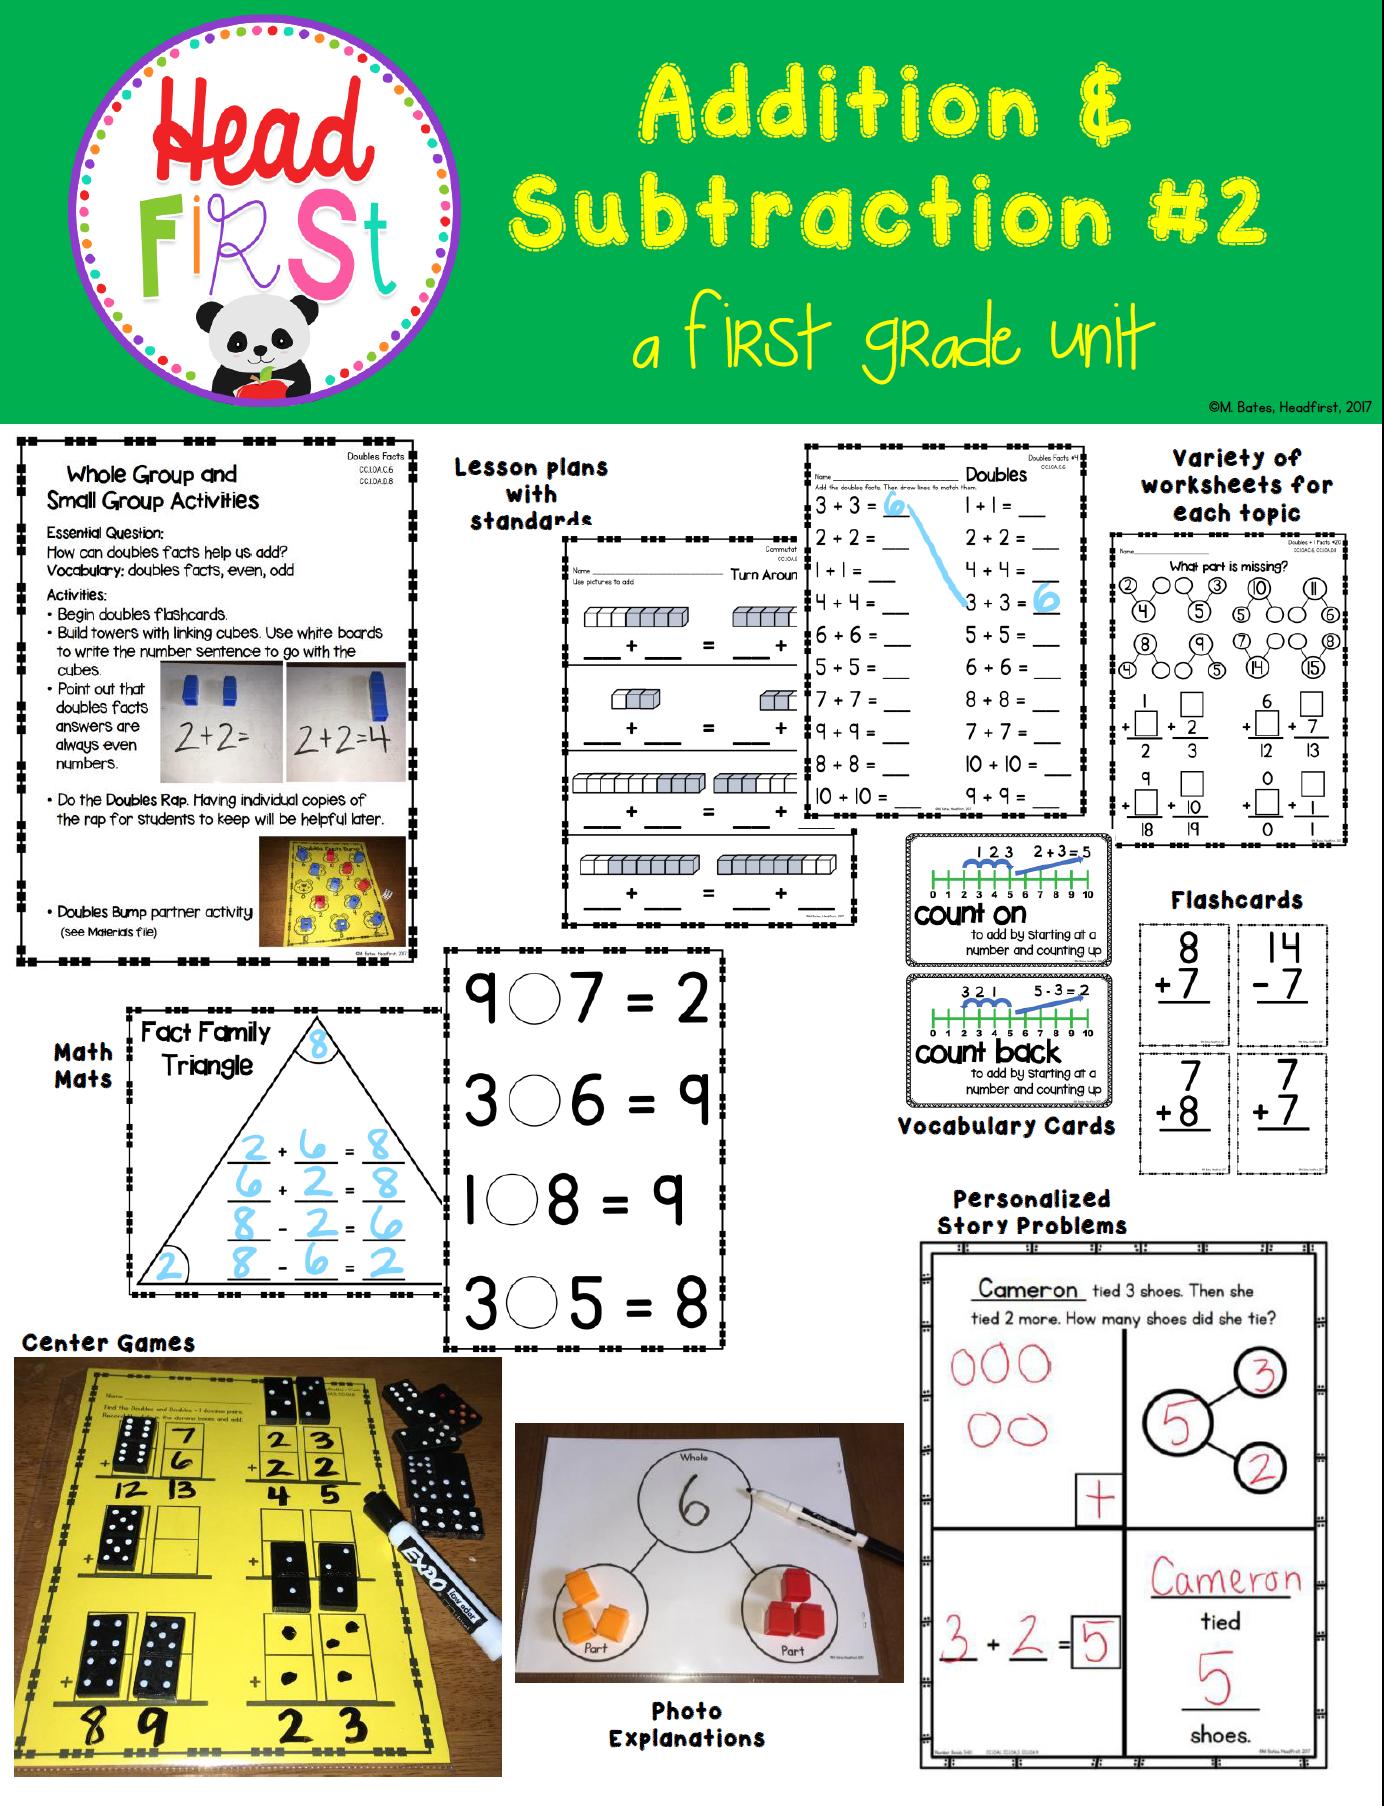 Headfirst 1st Grade Math Curriculum Unit 2 1st Grade Math 1st Grade Math Worksheets Math Curriculum [ 1806 x 1384 Pixel ]